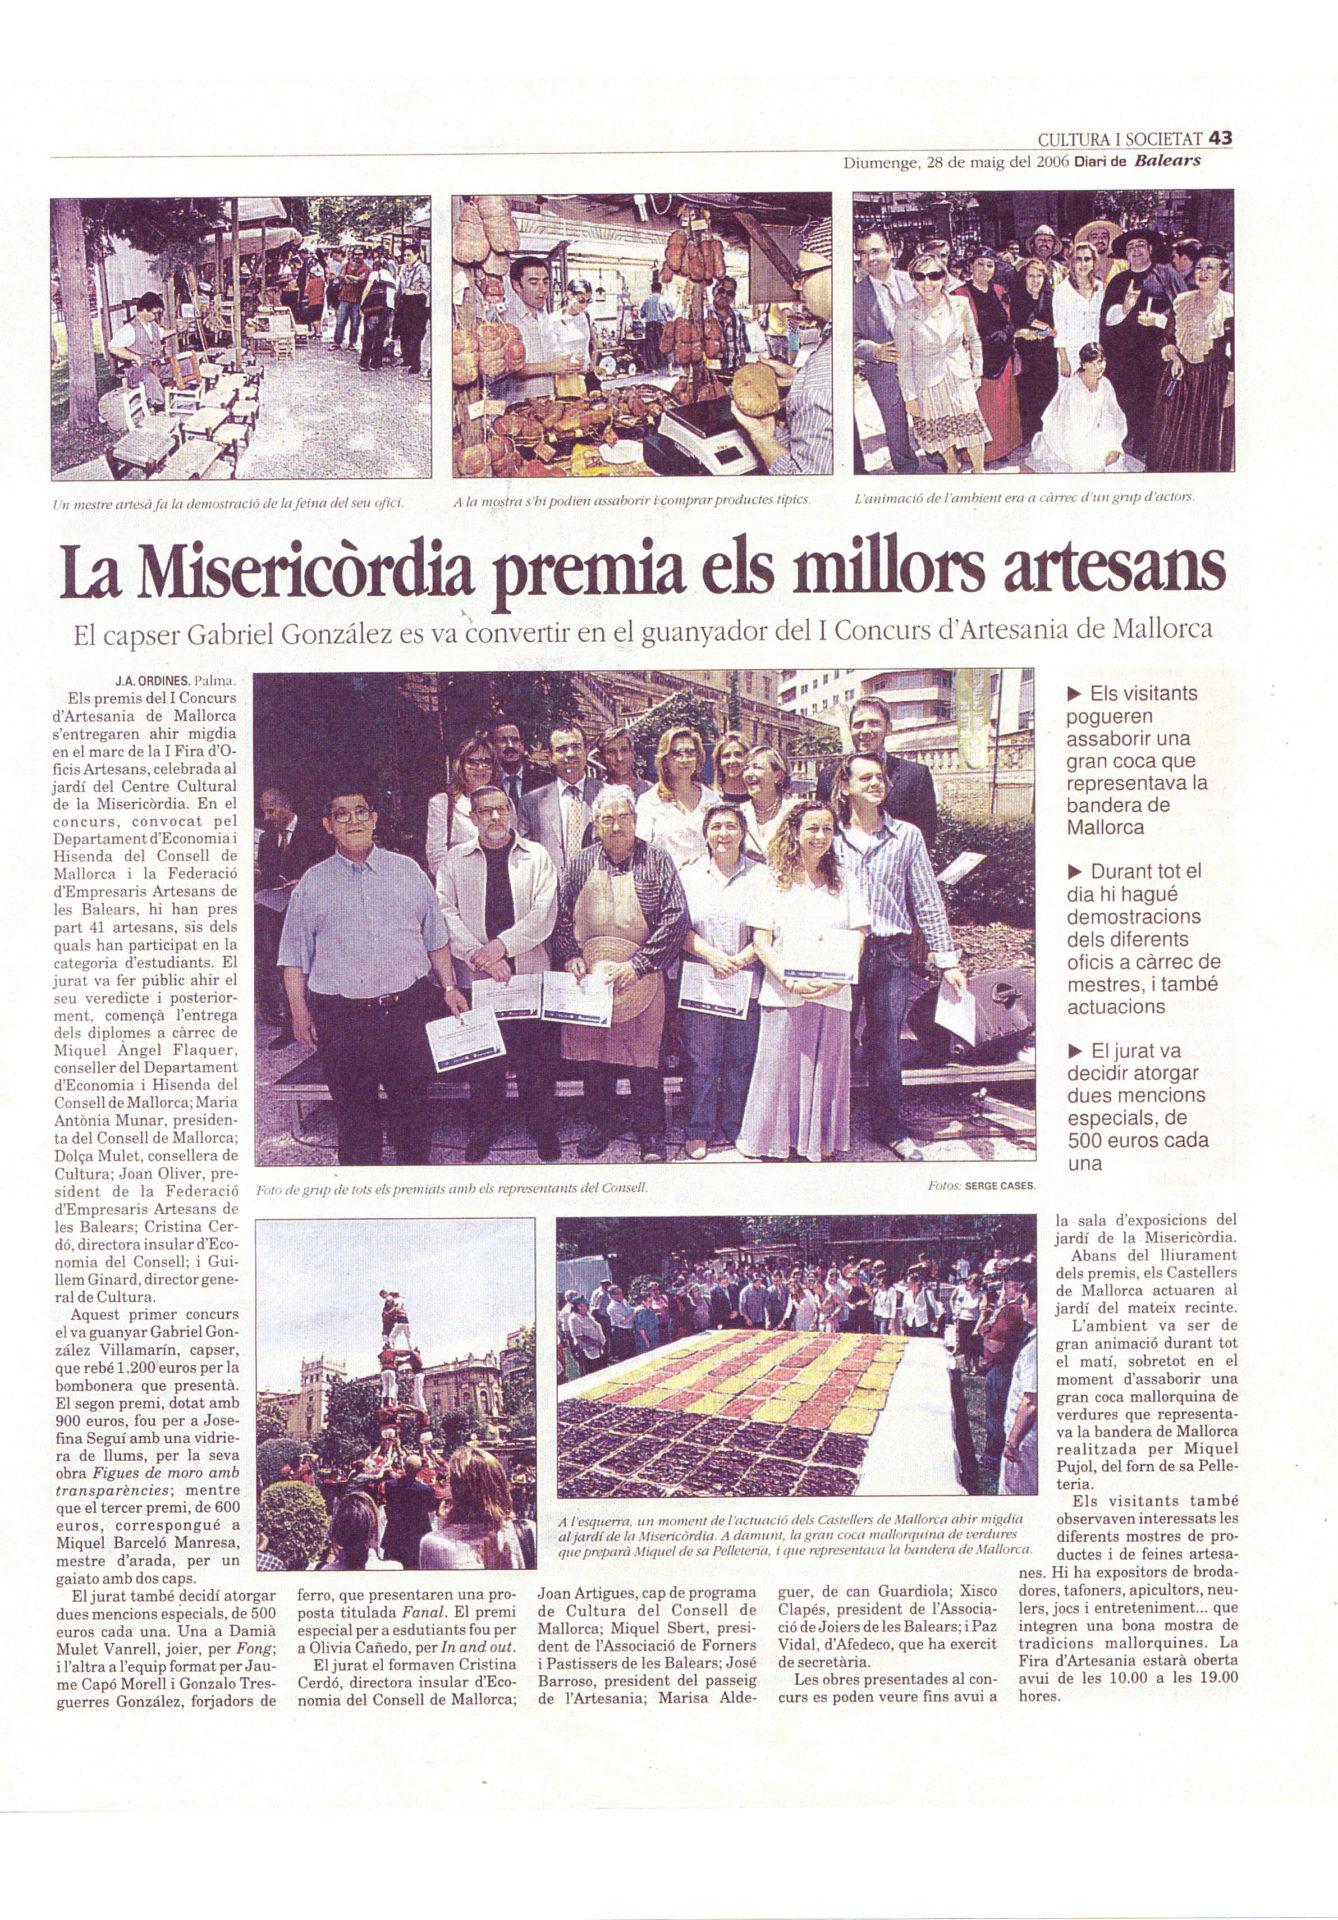 28-05-2006 Diari de Balears (p43)